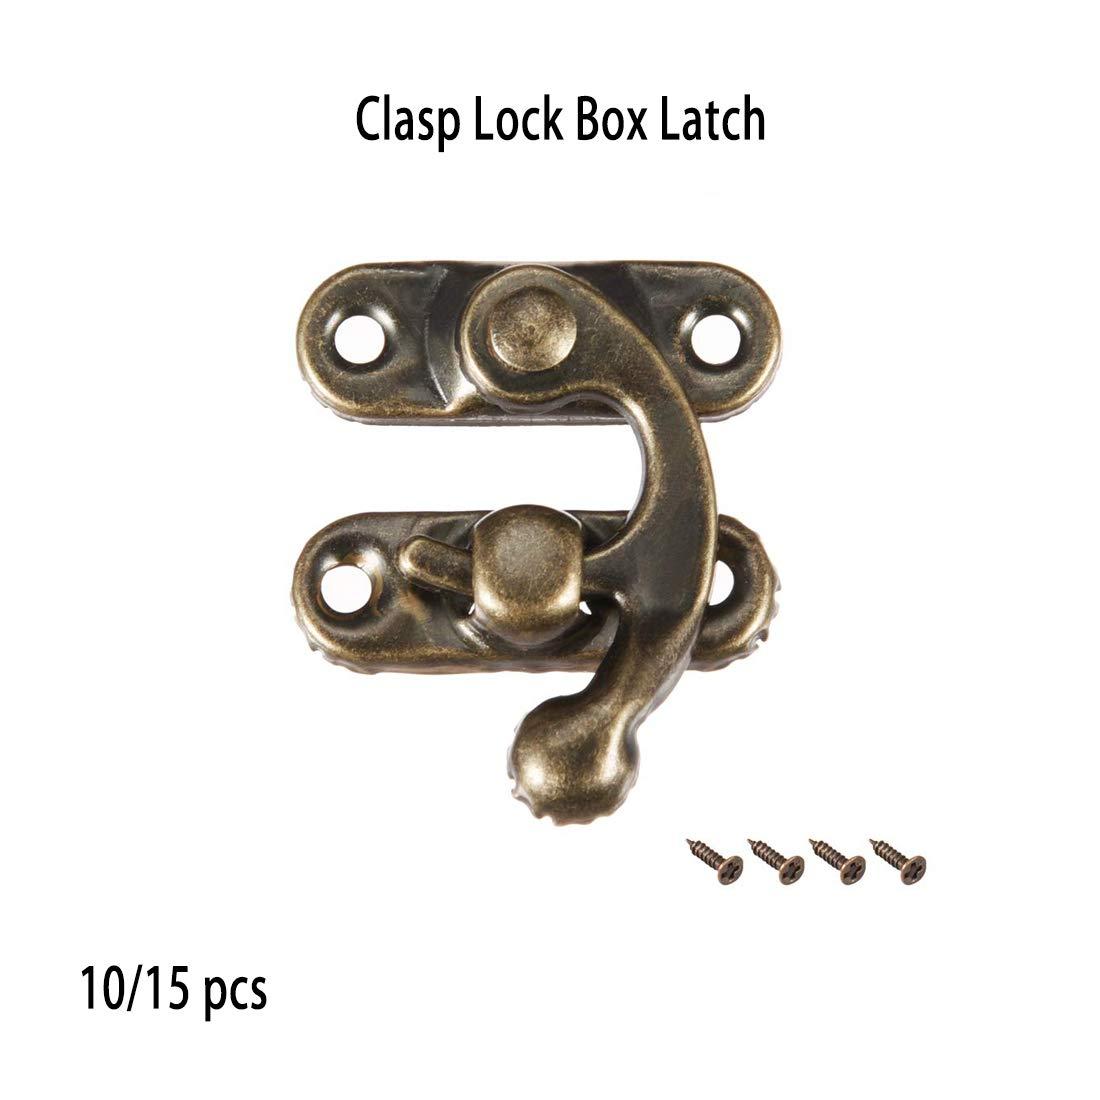 Cerrojo para armario de herramientas joyero Vogueing caja de madera antigua o cajas de regalo decoraci/ón con tornillos plateado